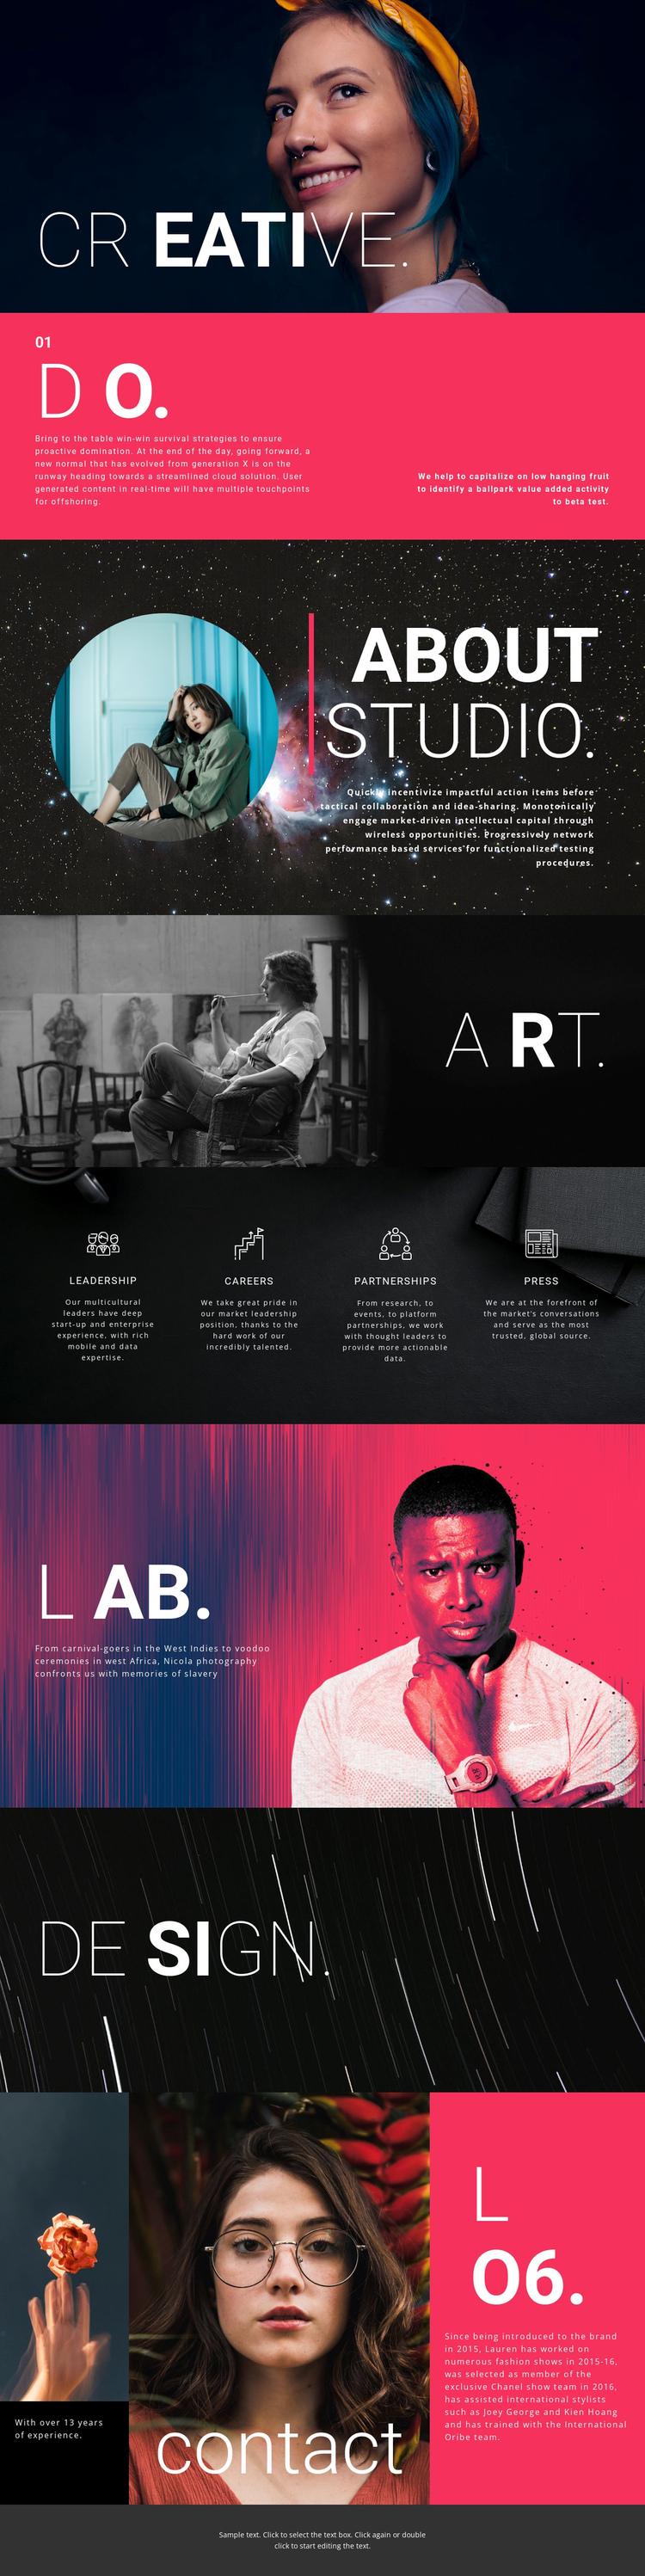 Creative design studio Website Builder Software